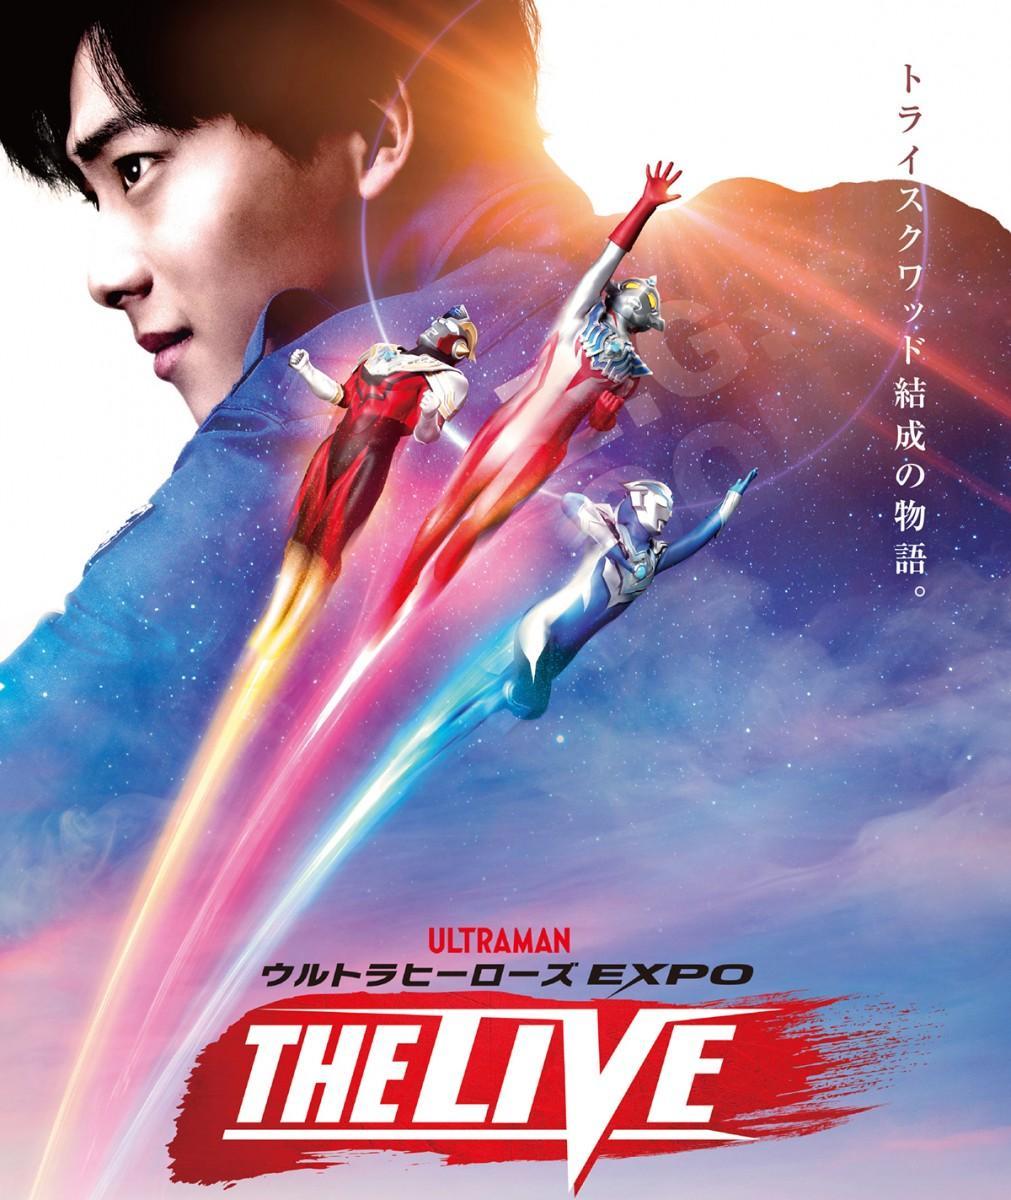 「ウルトラヒーローズEXPO THE LIVE」ビジュアル